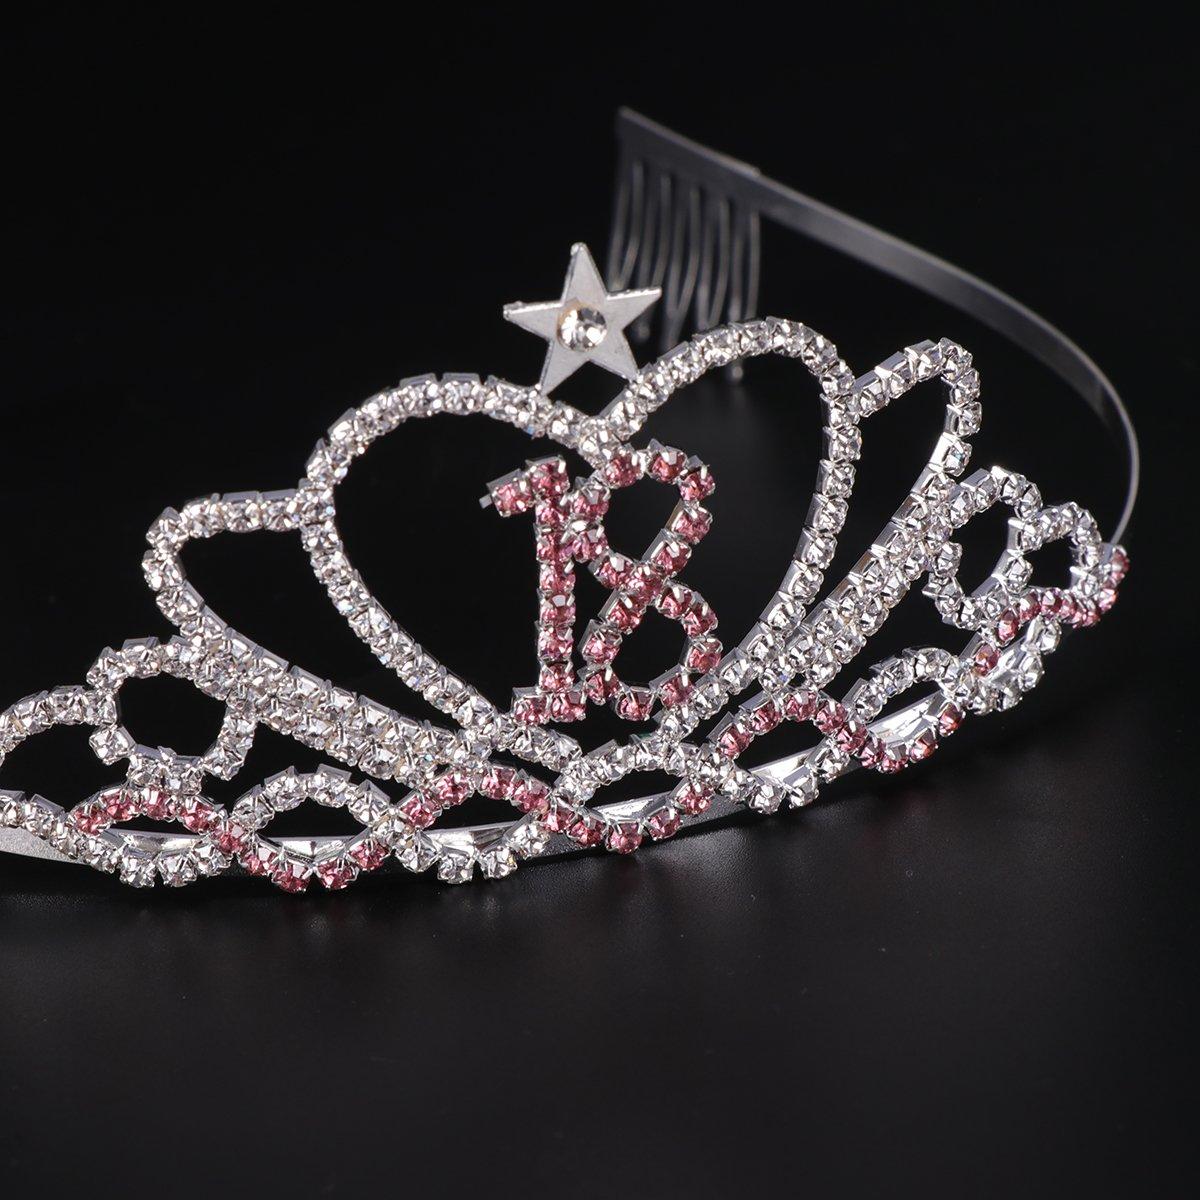 Frcolor Diadema Corona de 18 años - Crystal Princess Corona Tiara con peine de pelo